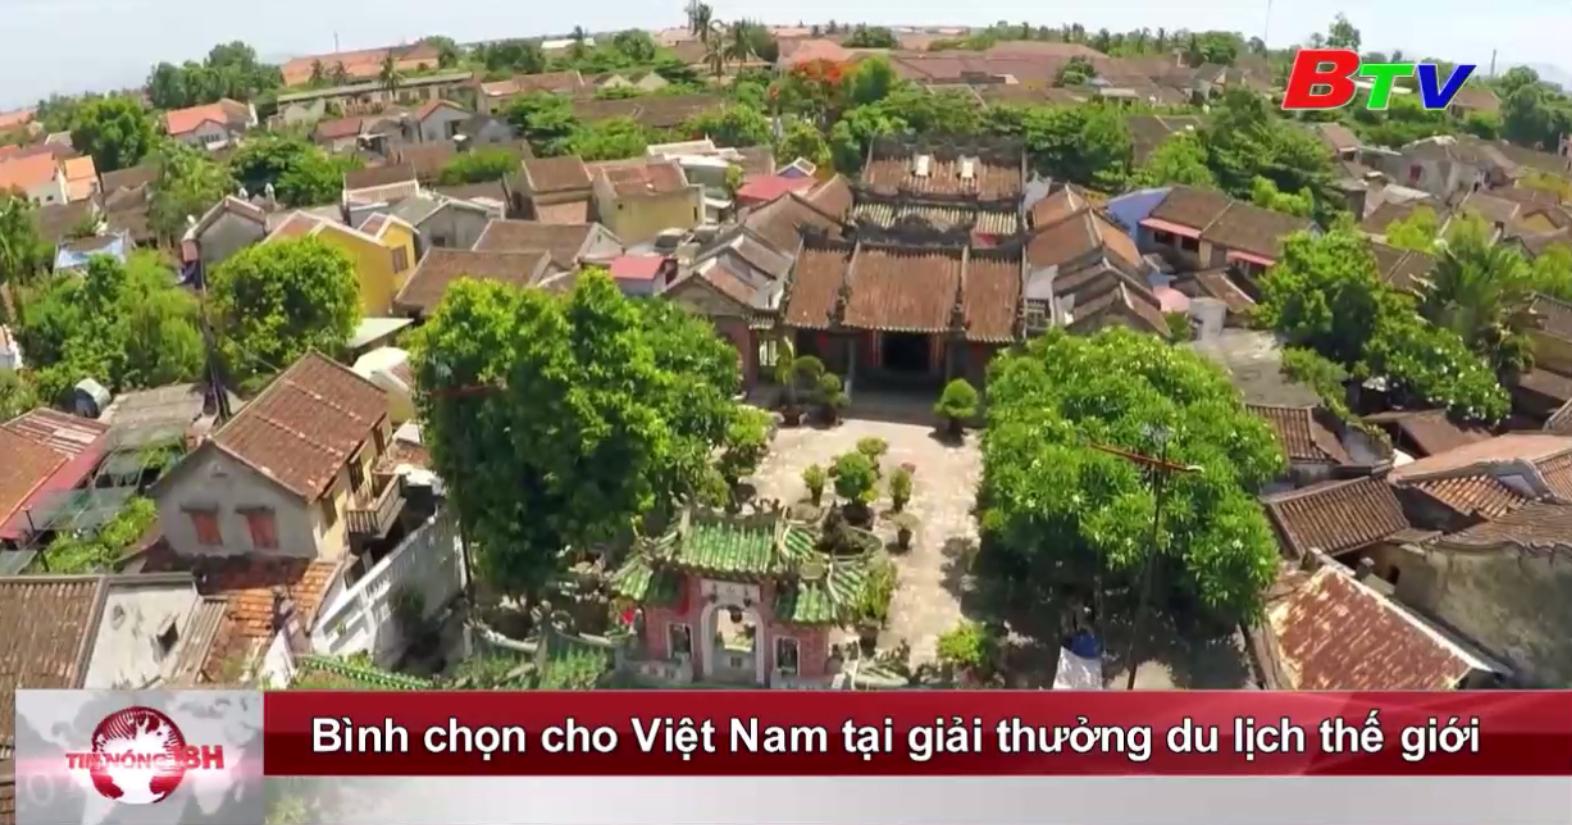 Bình chọn cho Việt Nam tại giải thưởng du lịch thế giới